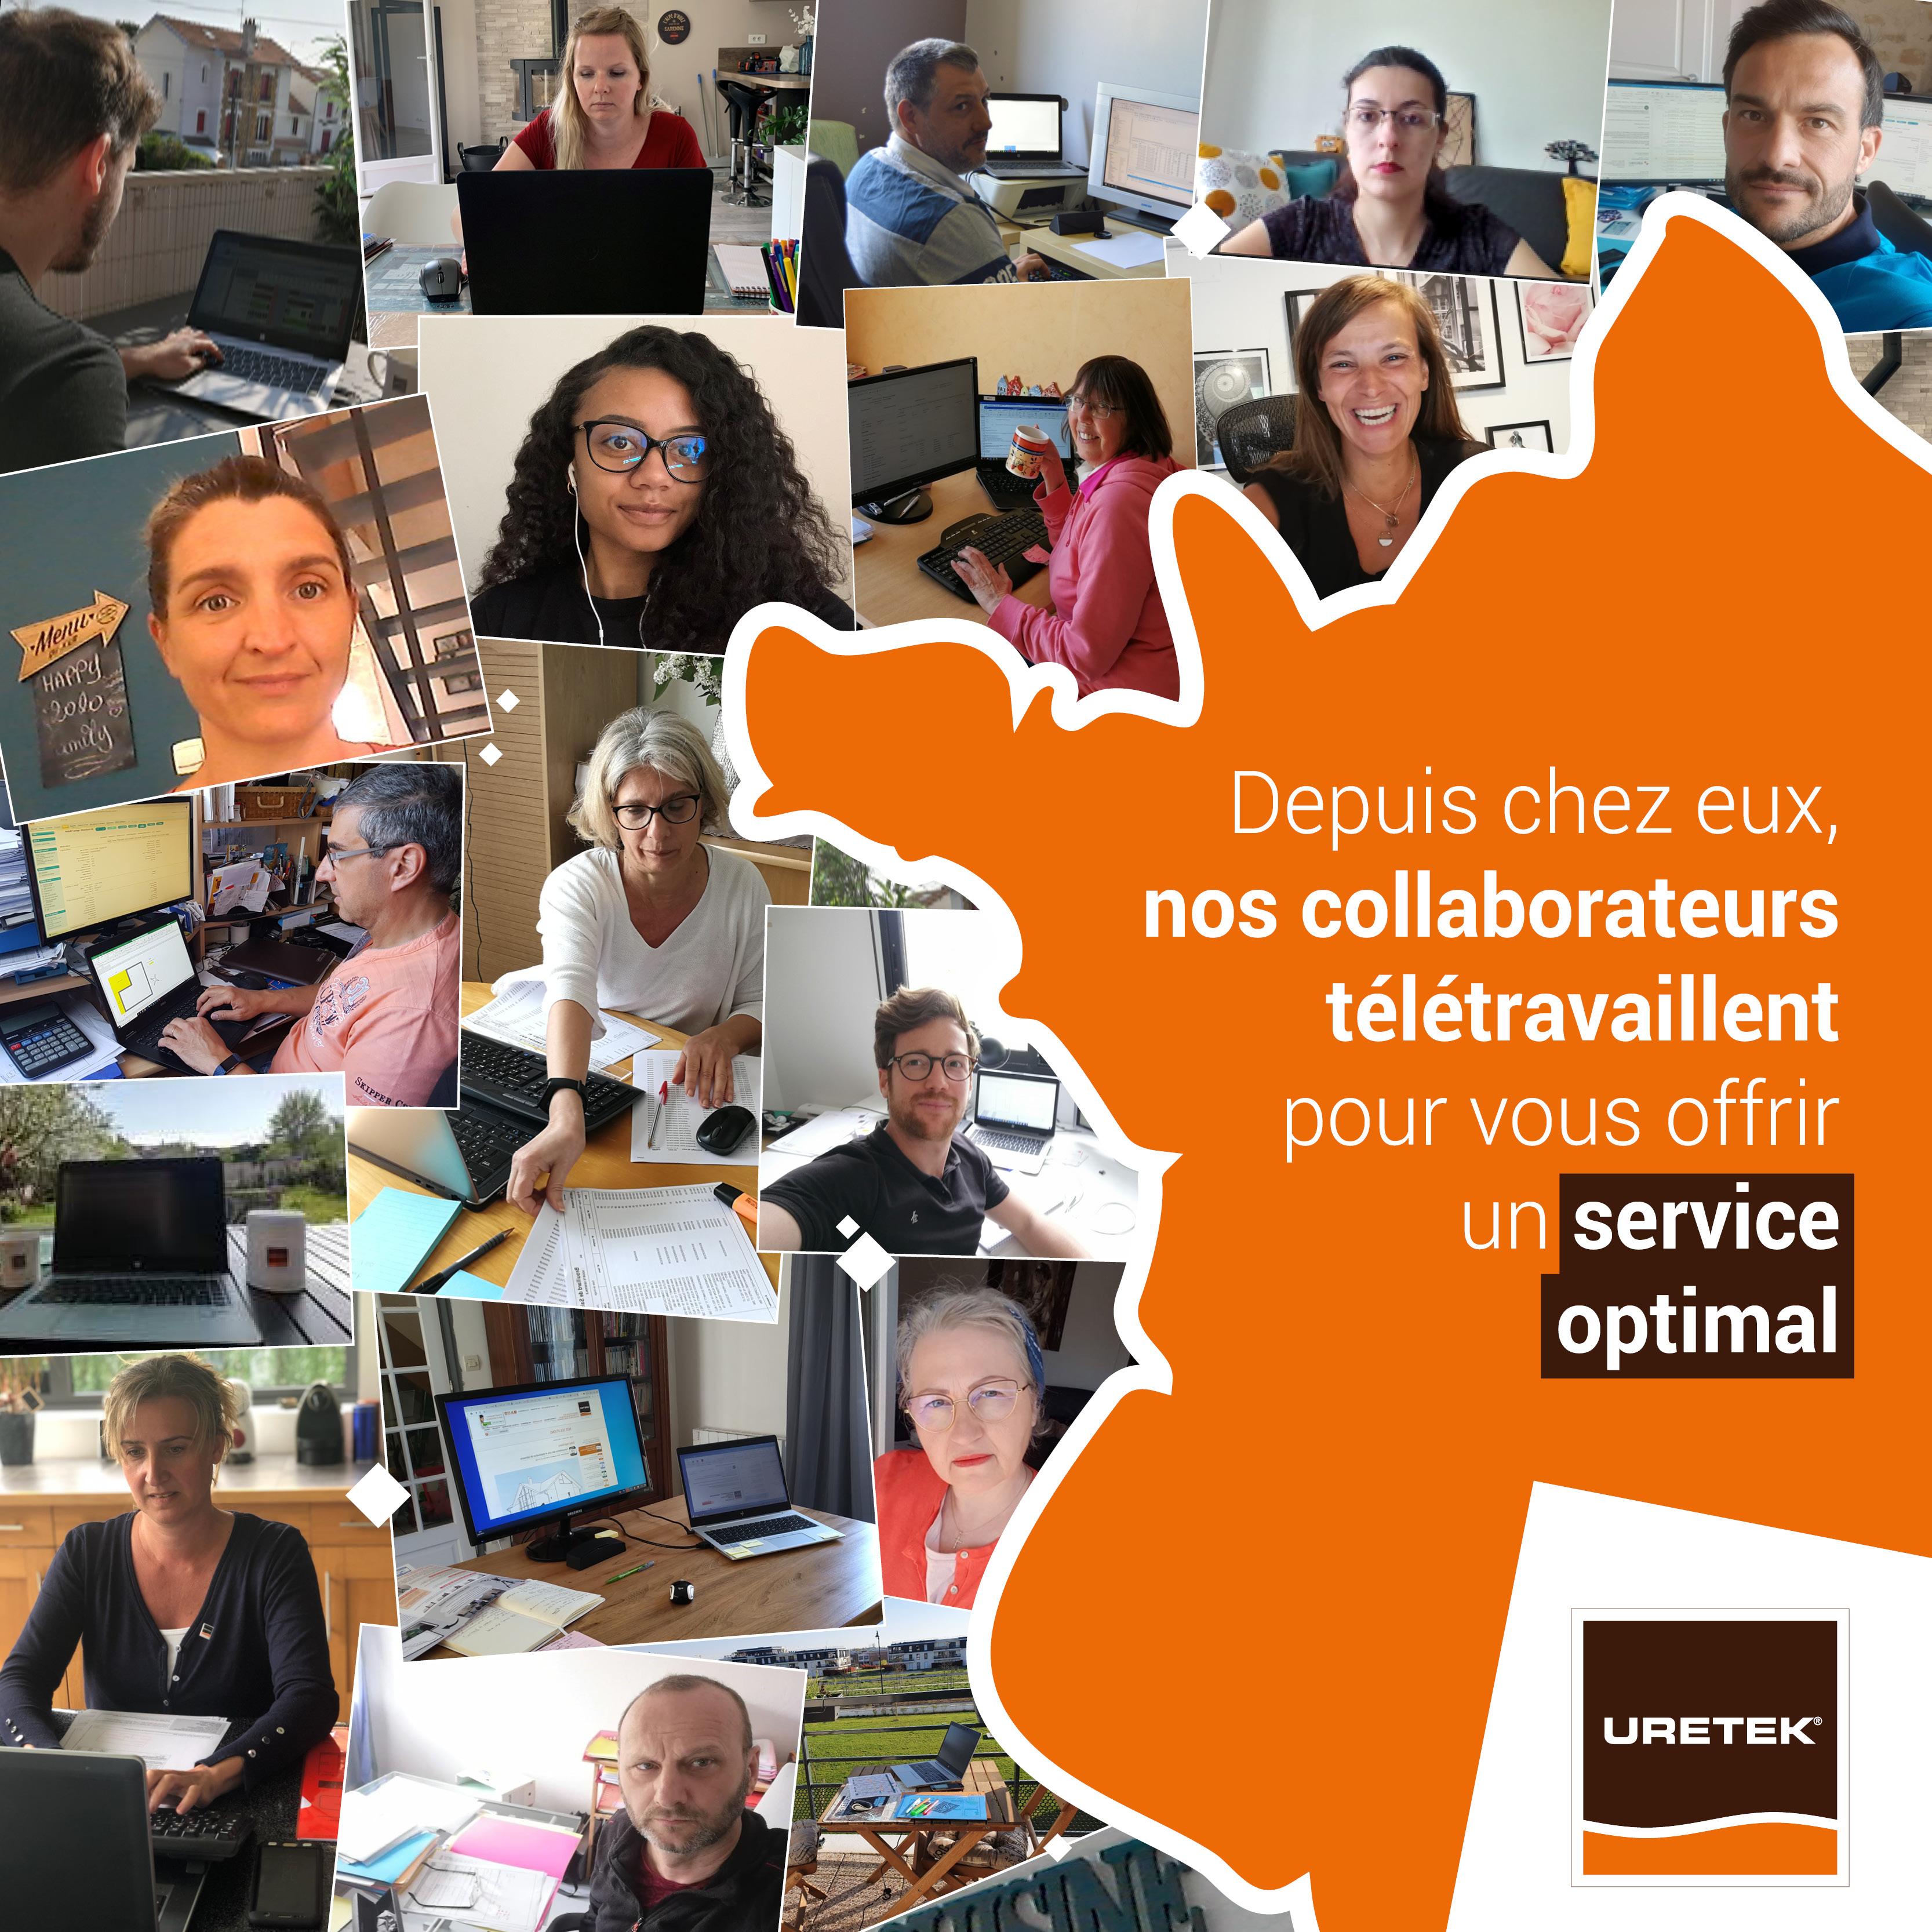 Tous les collaborateurs URETEK télétravaillent depuis chez eux, les jours pour lesquels ils ne sont pas présents sur leur lieu de travail